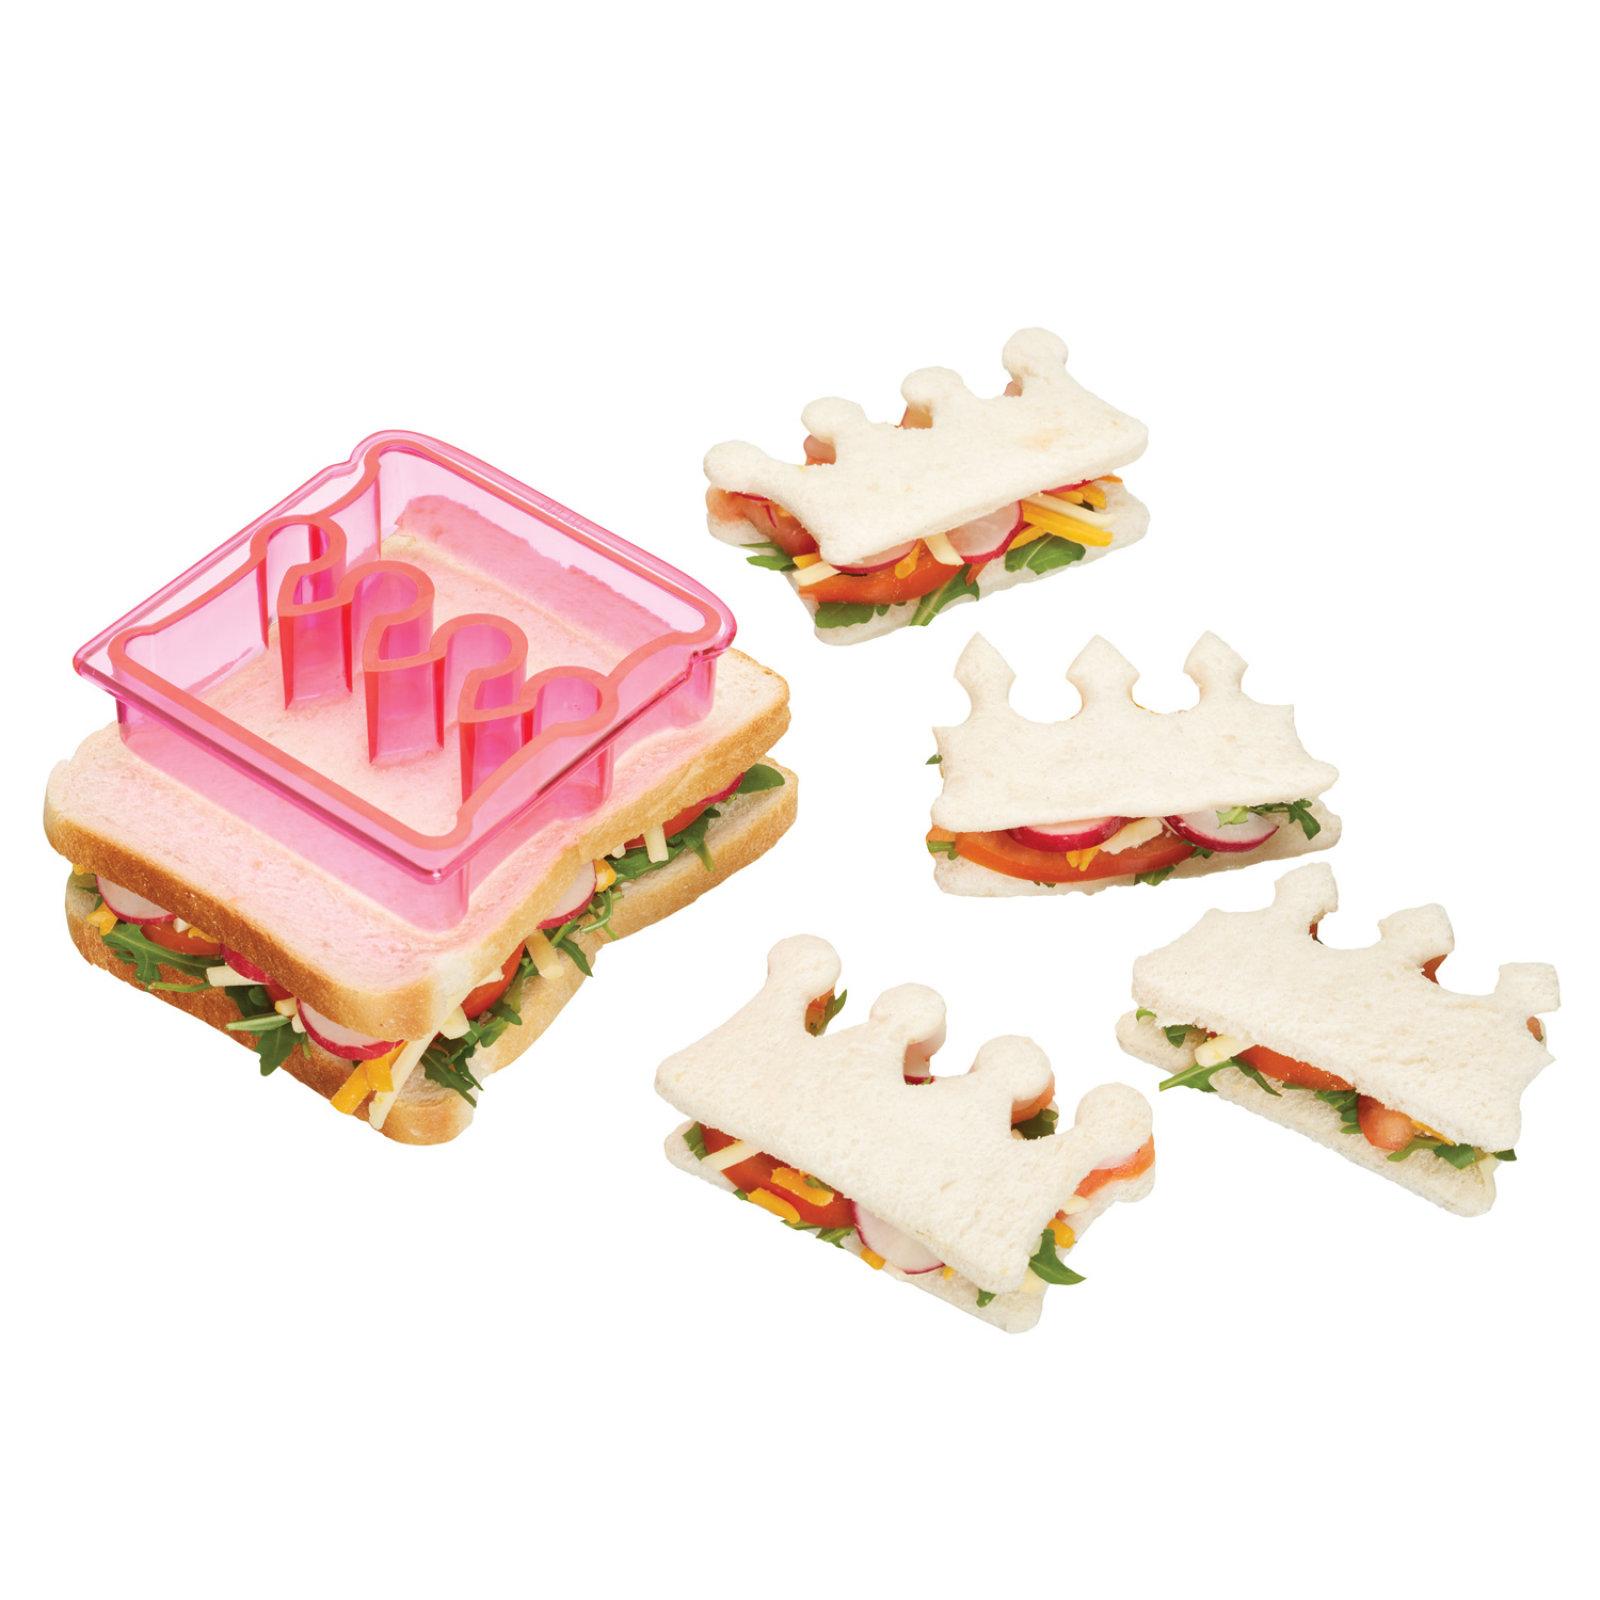 krone sandwich schneider toastbrot ausstecher der ideen. Black Bedroom Furniture Sets. Home Design Ideas